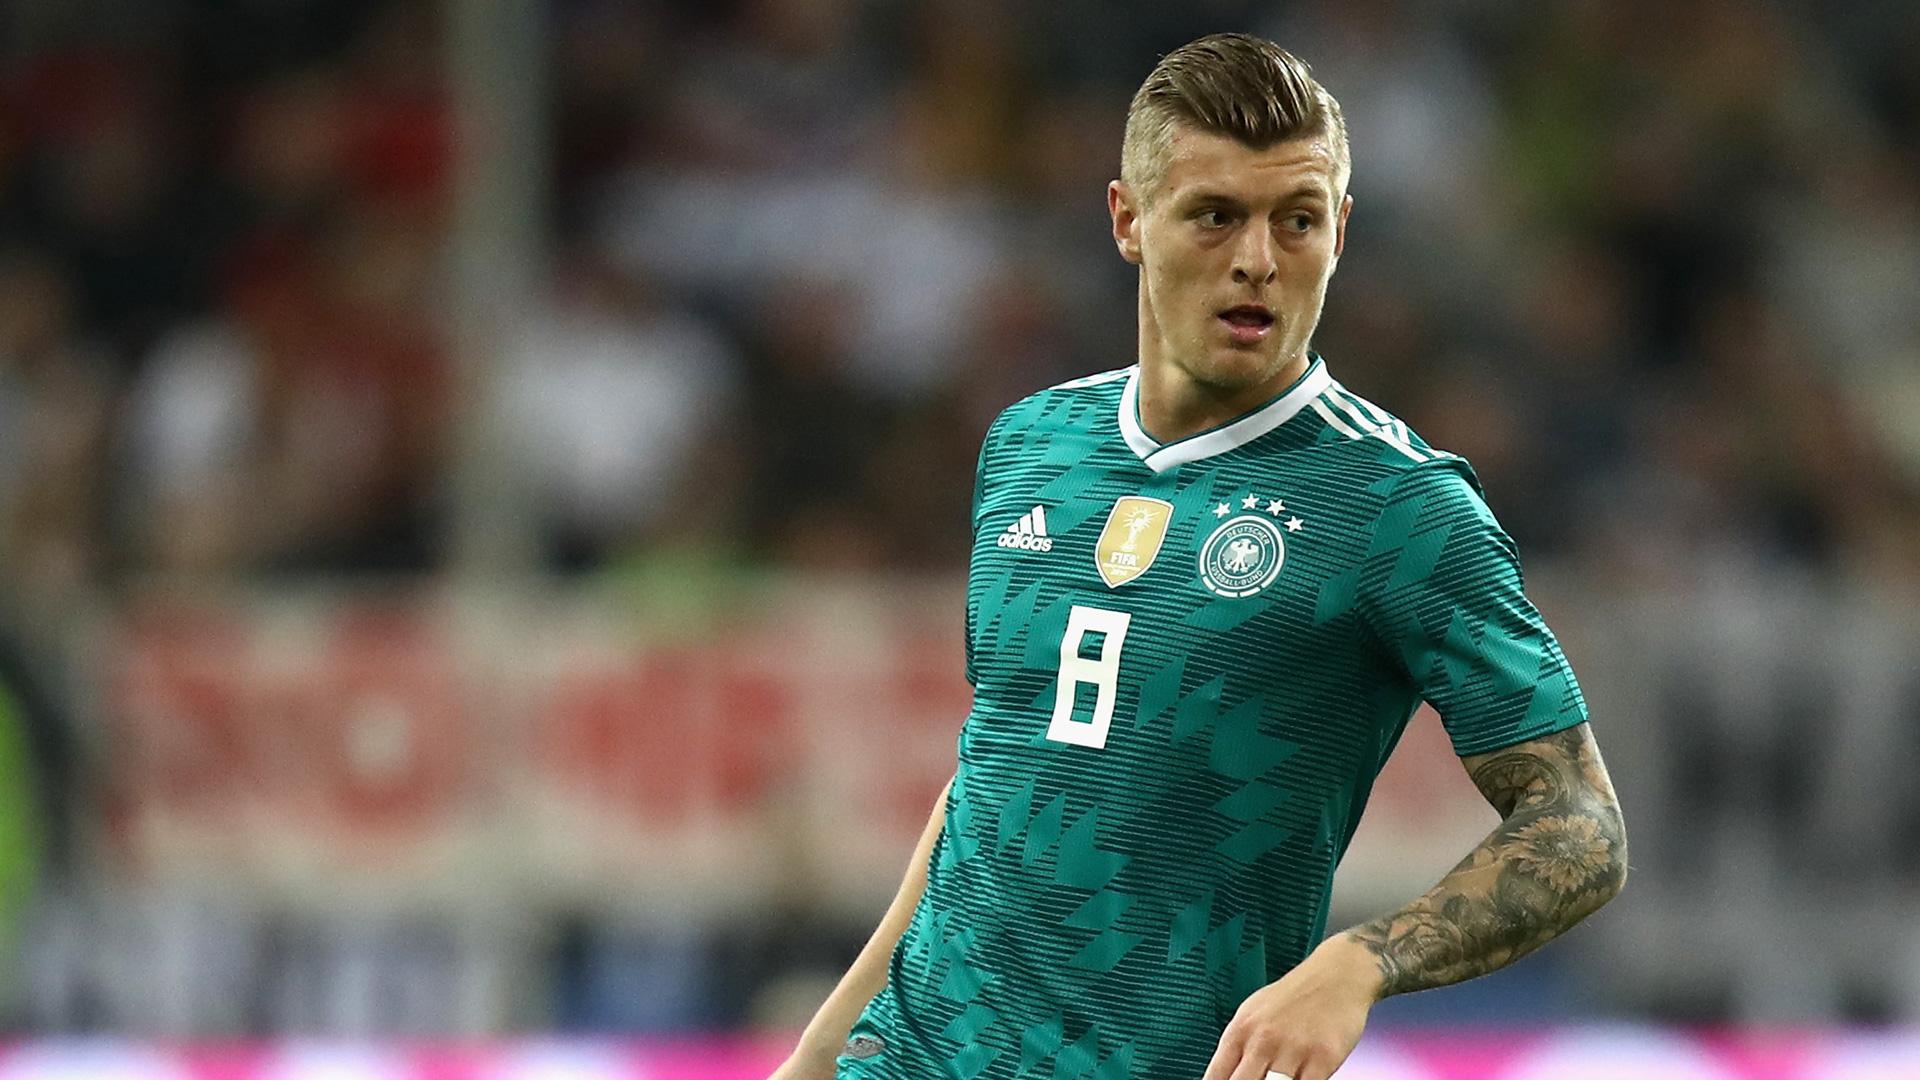 Hoje tem Alemanha x Brasil. Quem vence o jogo?